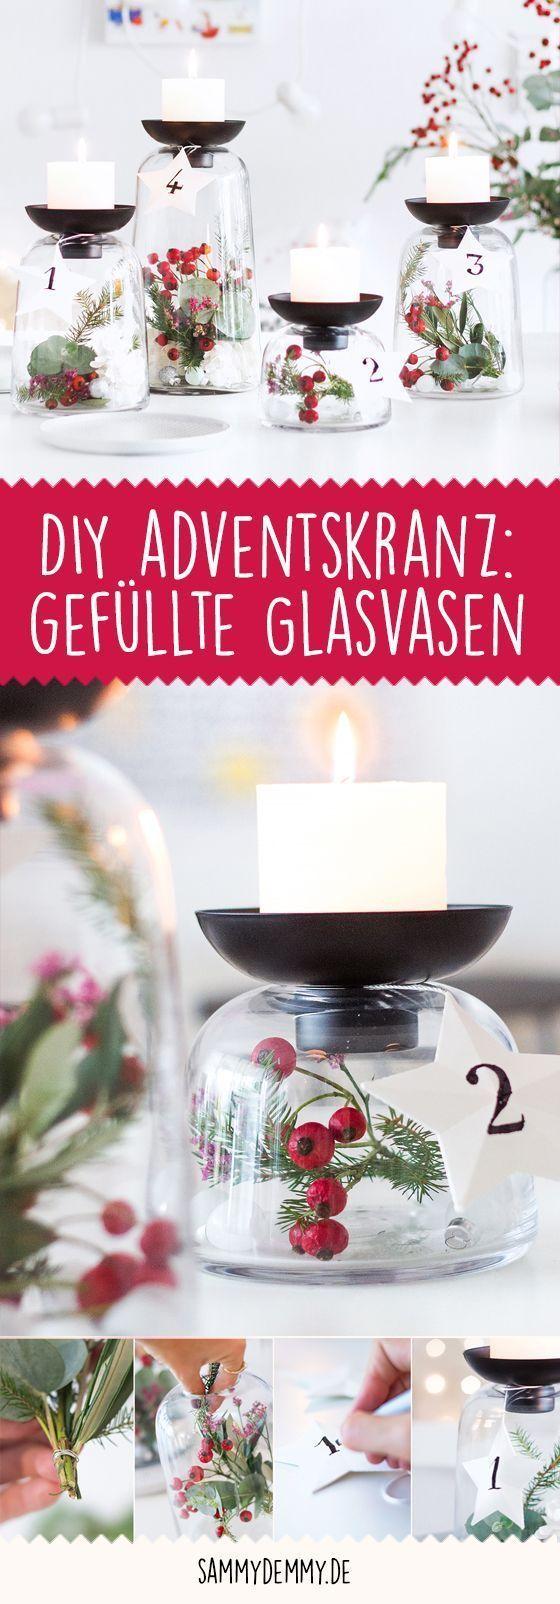 Photo of Aspettativa dell'avvento e febbre artigianale: tre idee natalizie fai-da-te